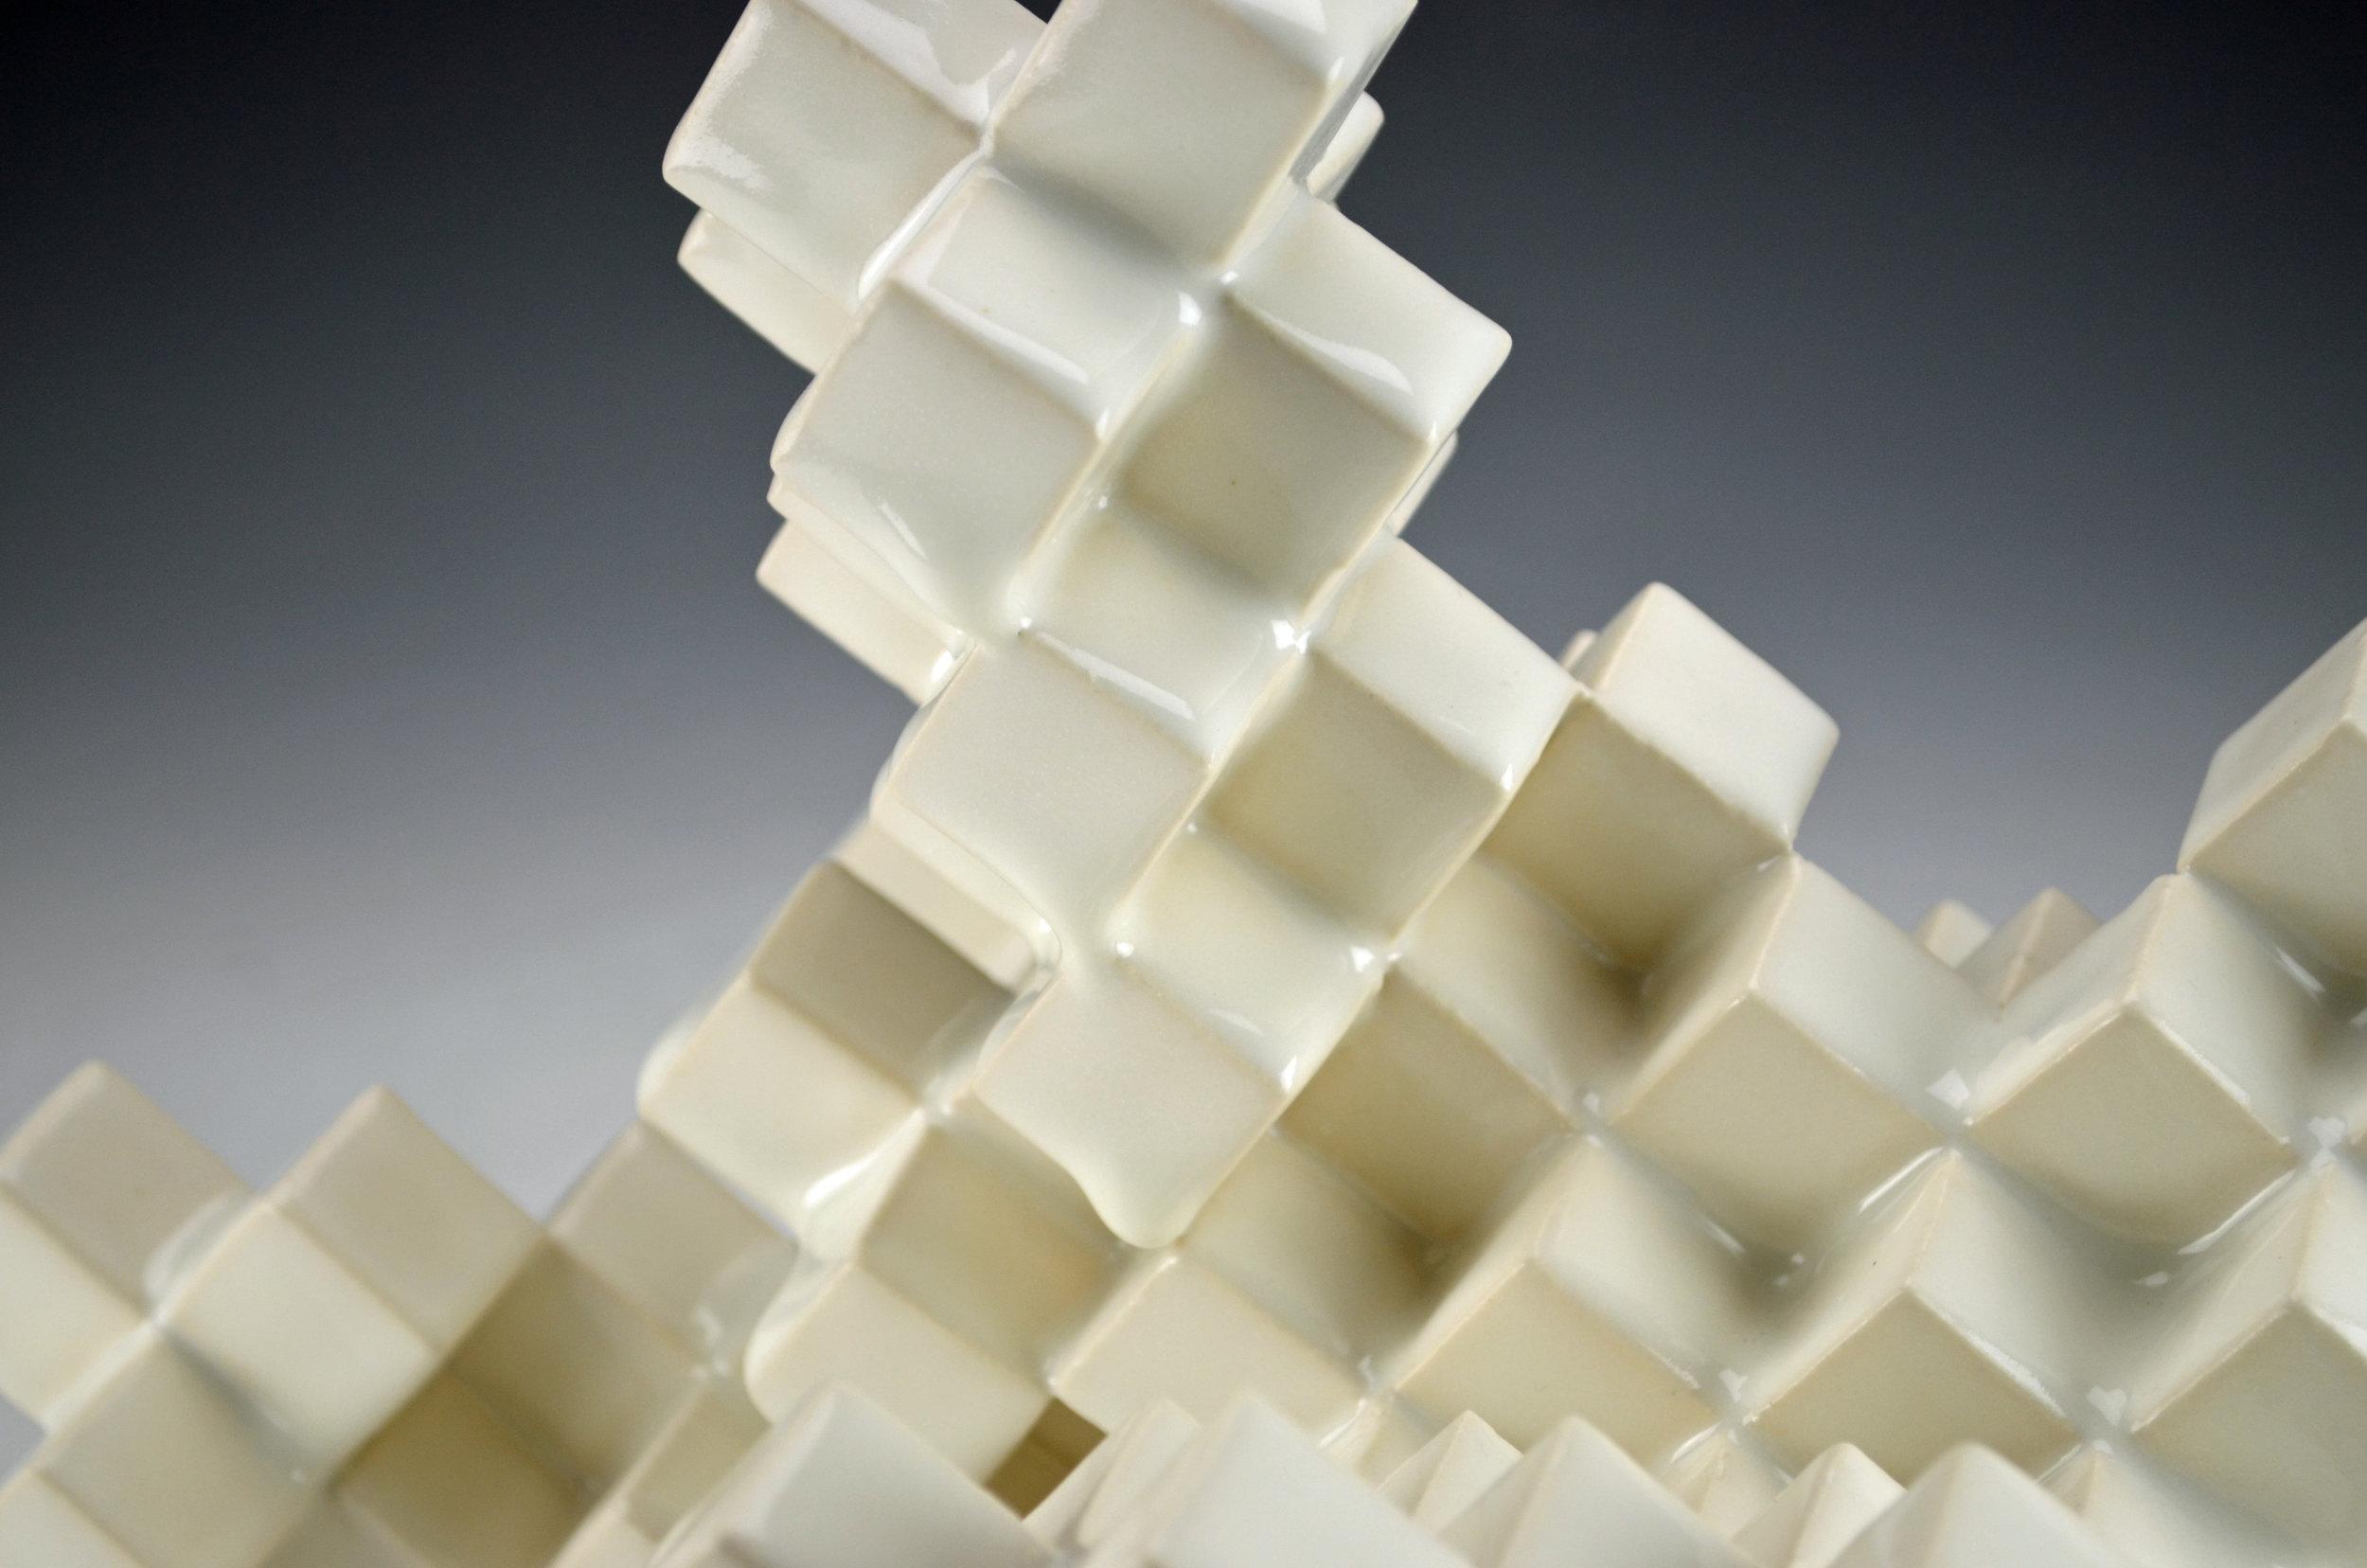 Cubic Series: Construction V (Detail)  |  11 x 11 x 9 inches  |  Porcelain, Glaze  |  2017